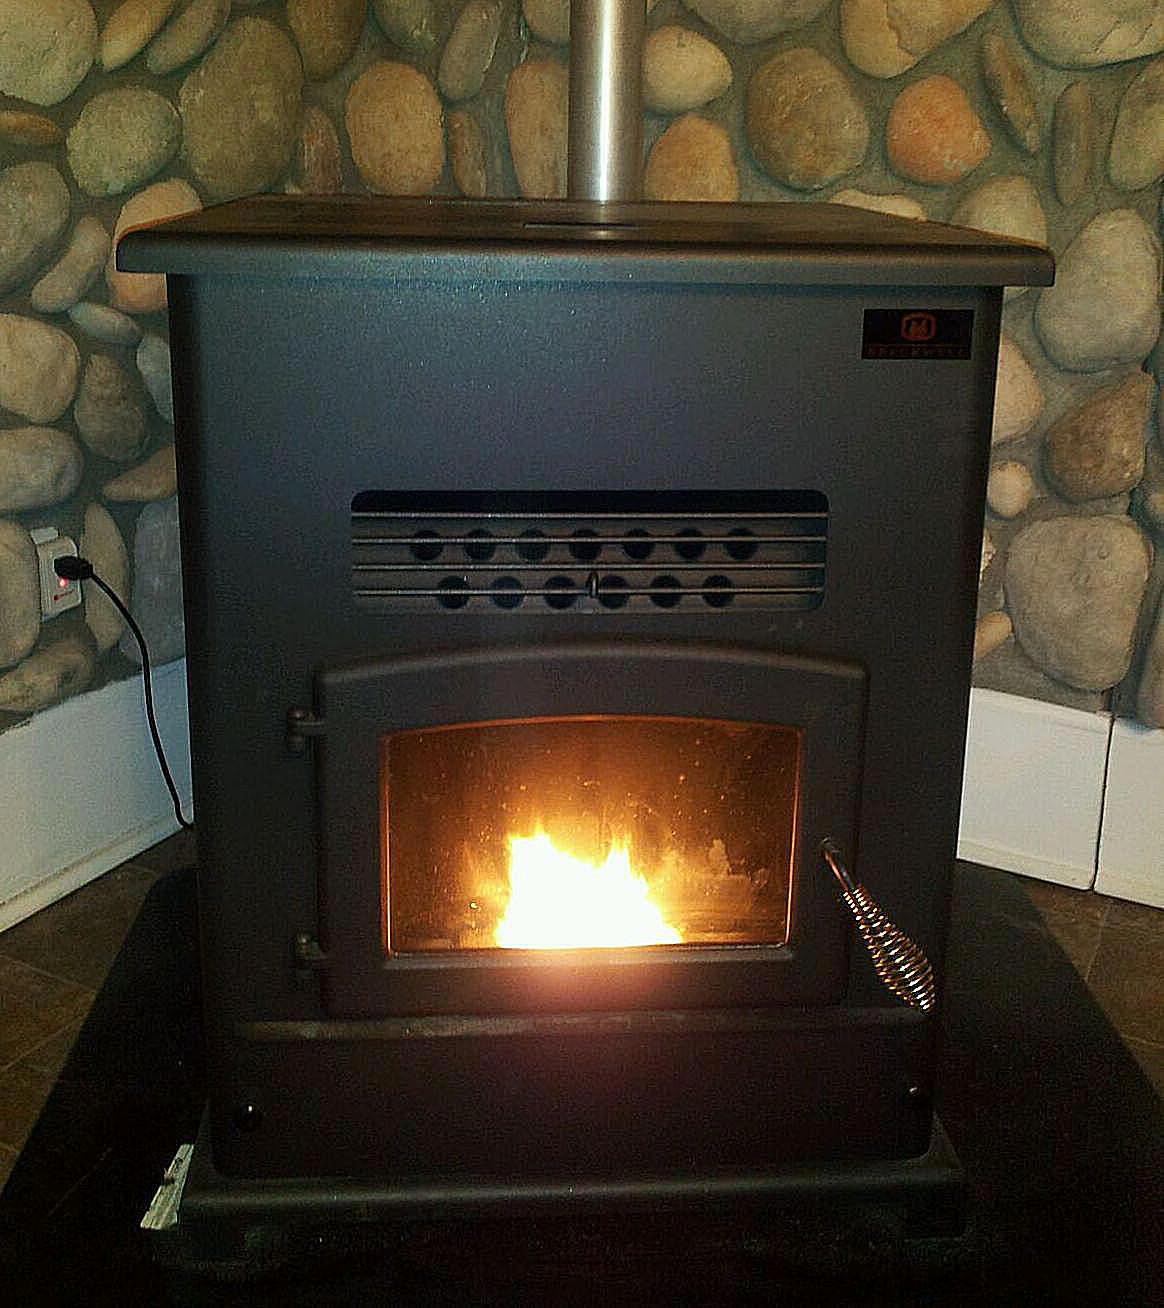 C mo ahorrar calefacci n para ahorrar dinero for Como ahorrar en calefaccion de gas